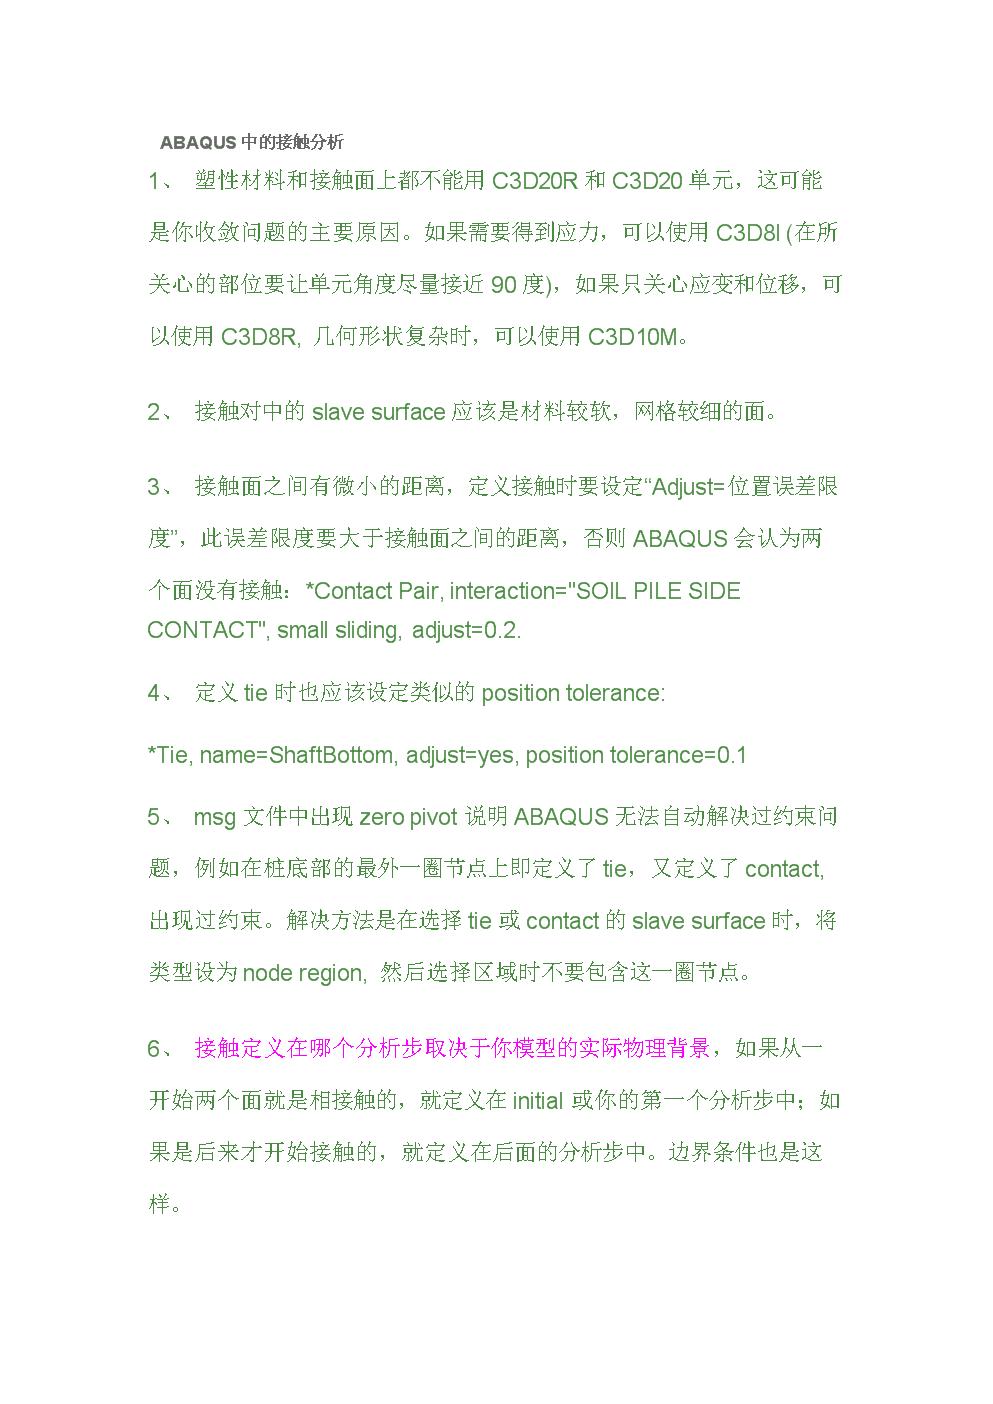 11.工程模拟ABAQUS接触分析.doc